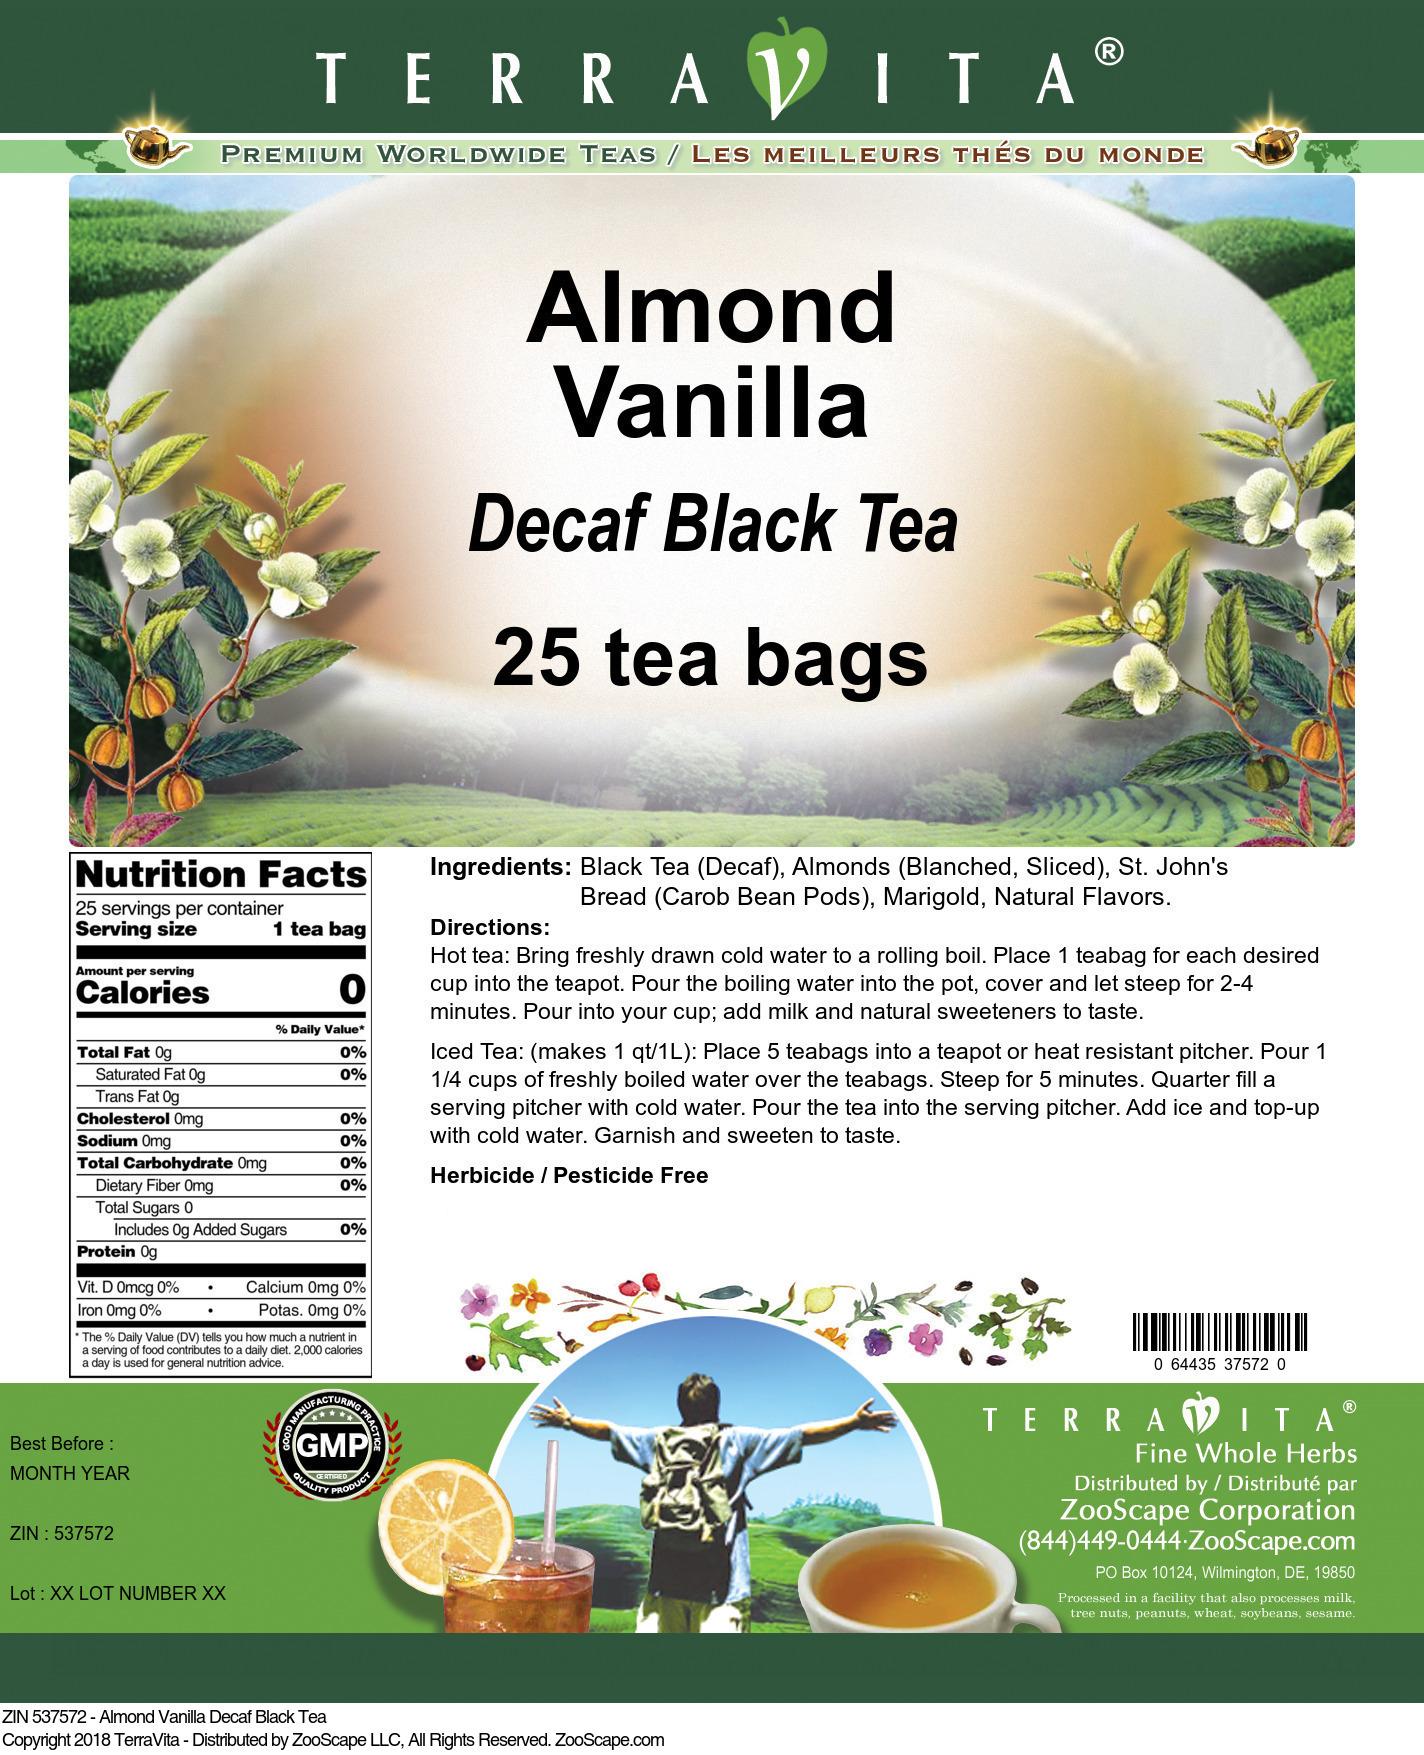 Almond Vanilla Decaf Black Tea